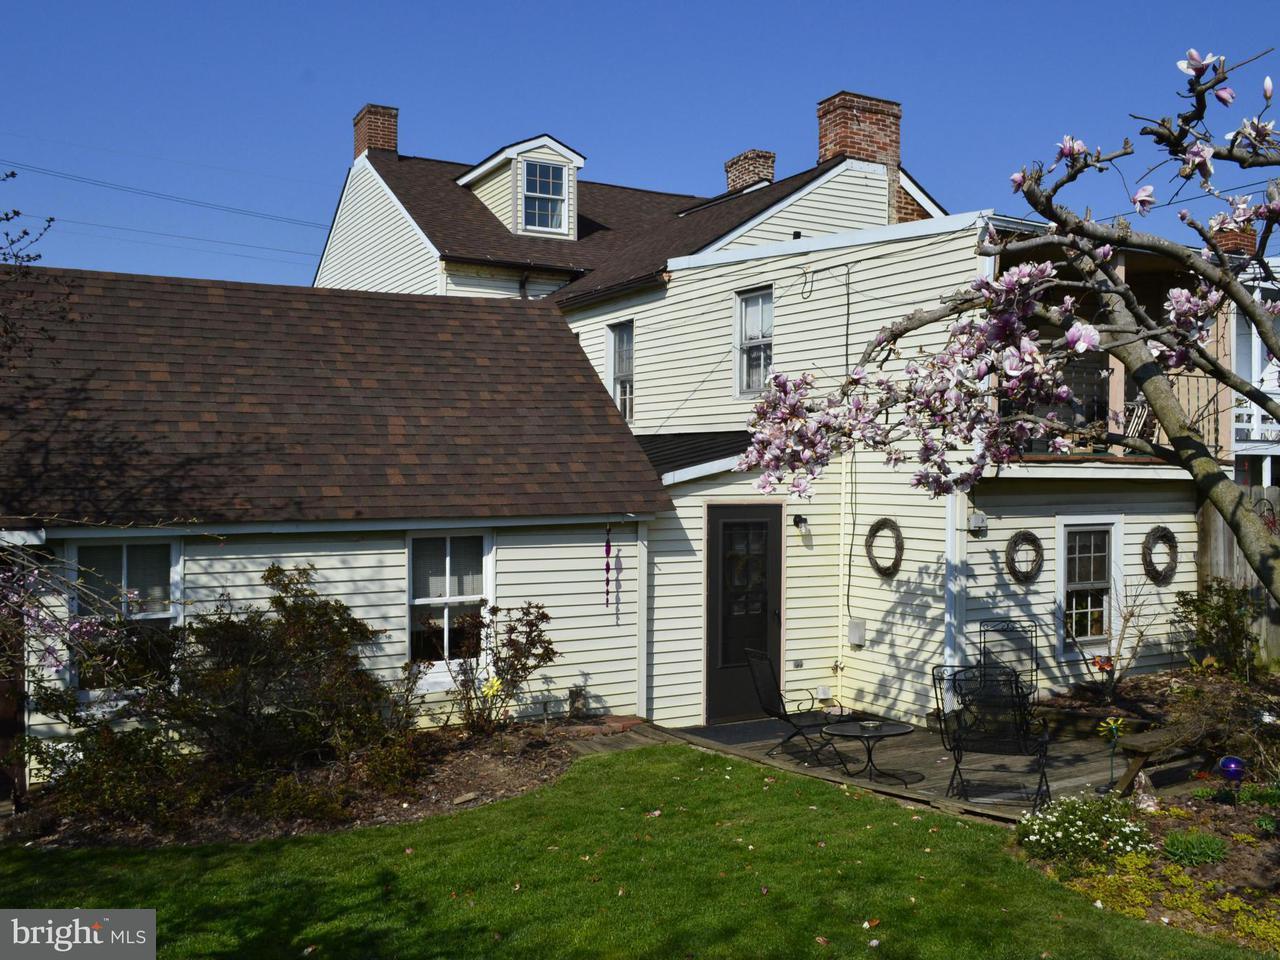 Stadthaus für Verkauf beim 230 6TH ST E 230 6TH ST E Frederick, Maryland 21701 Vereinigte Staaten